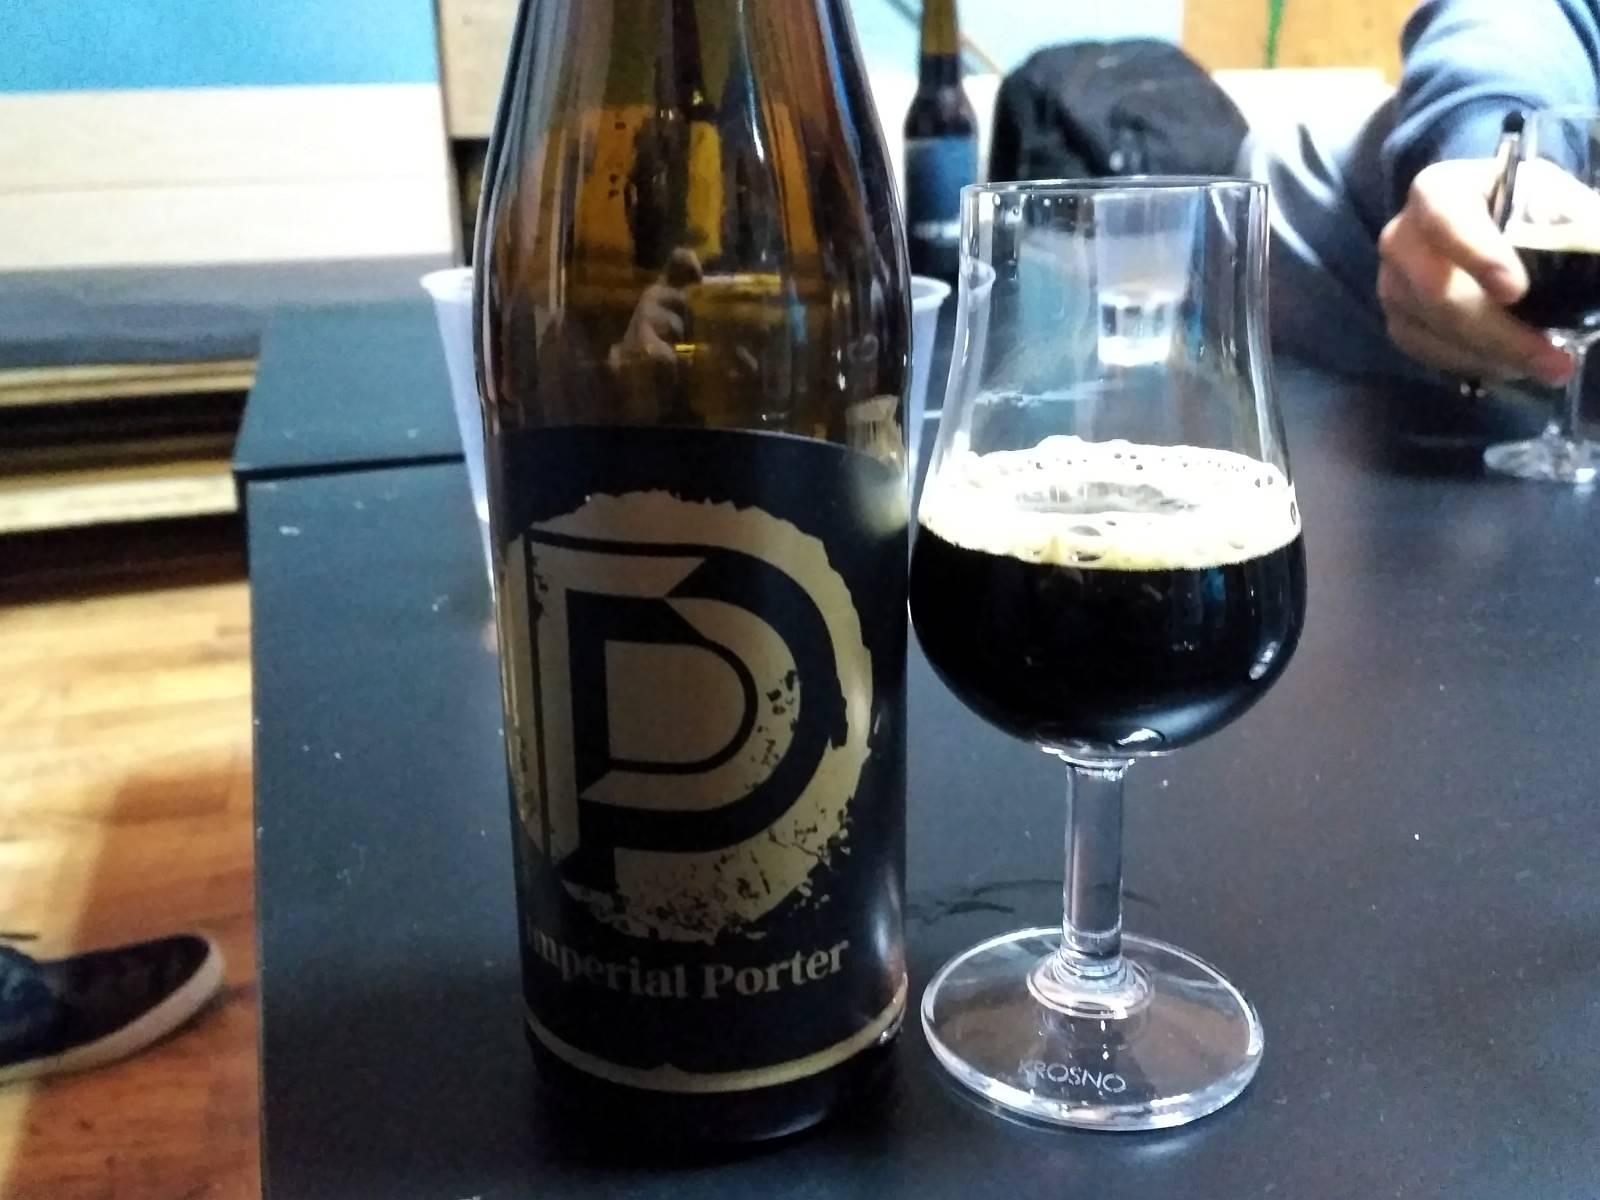 p-porter-rockmill-bytów-recenzja-degustacja